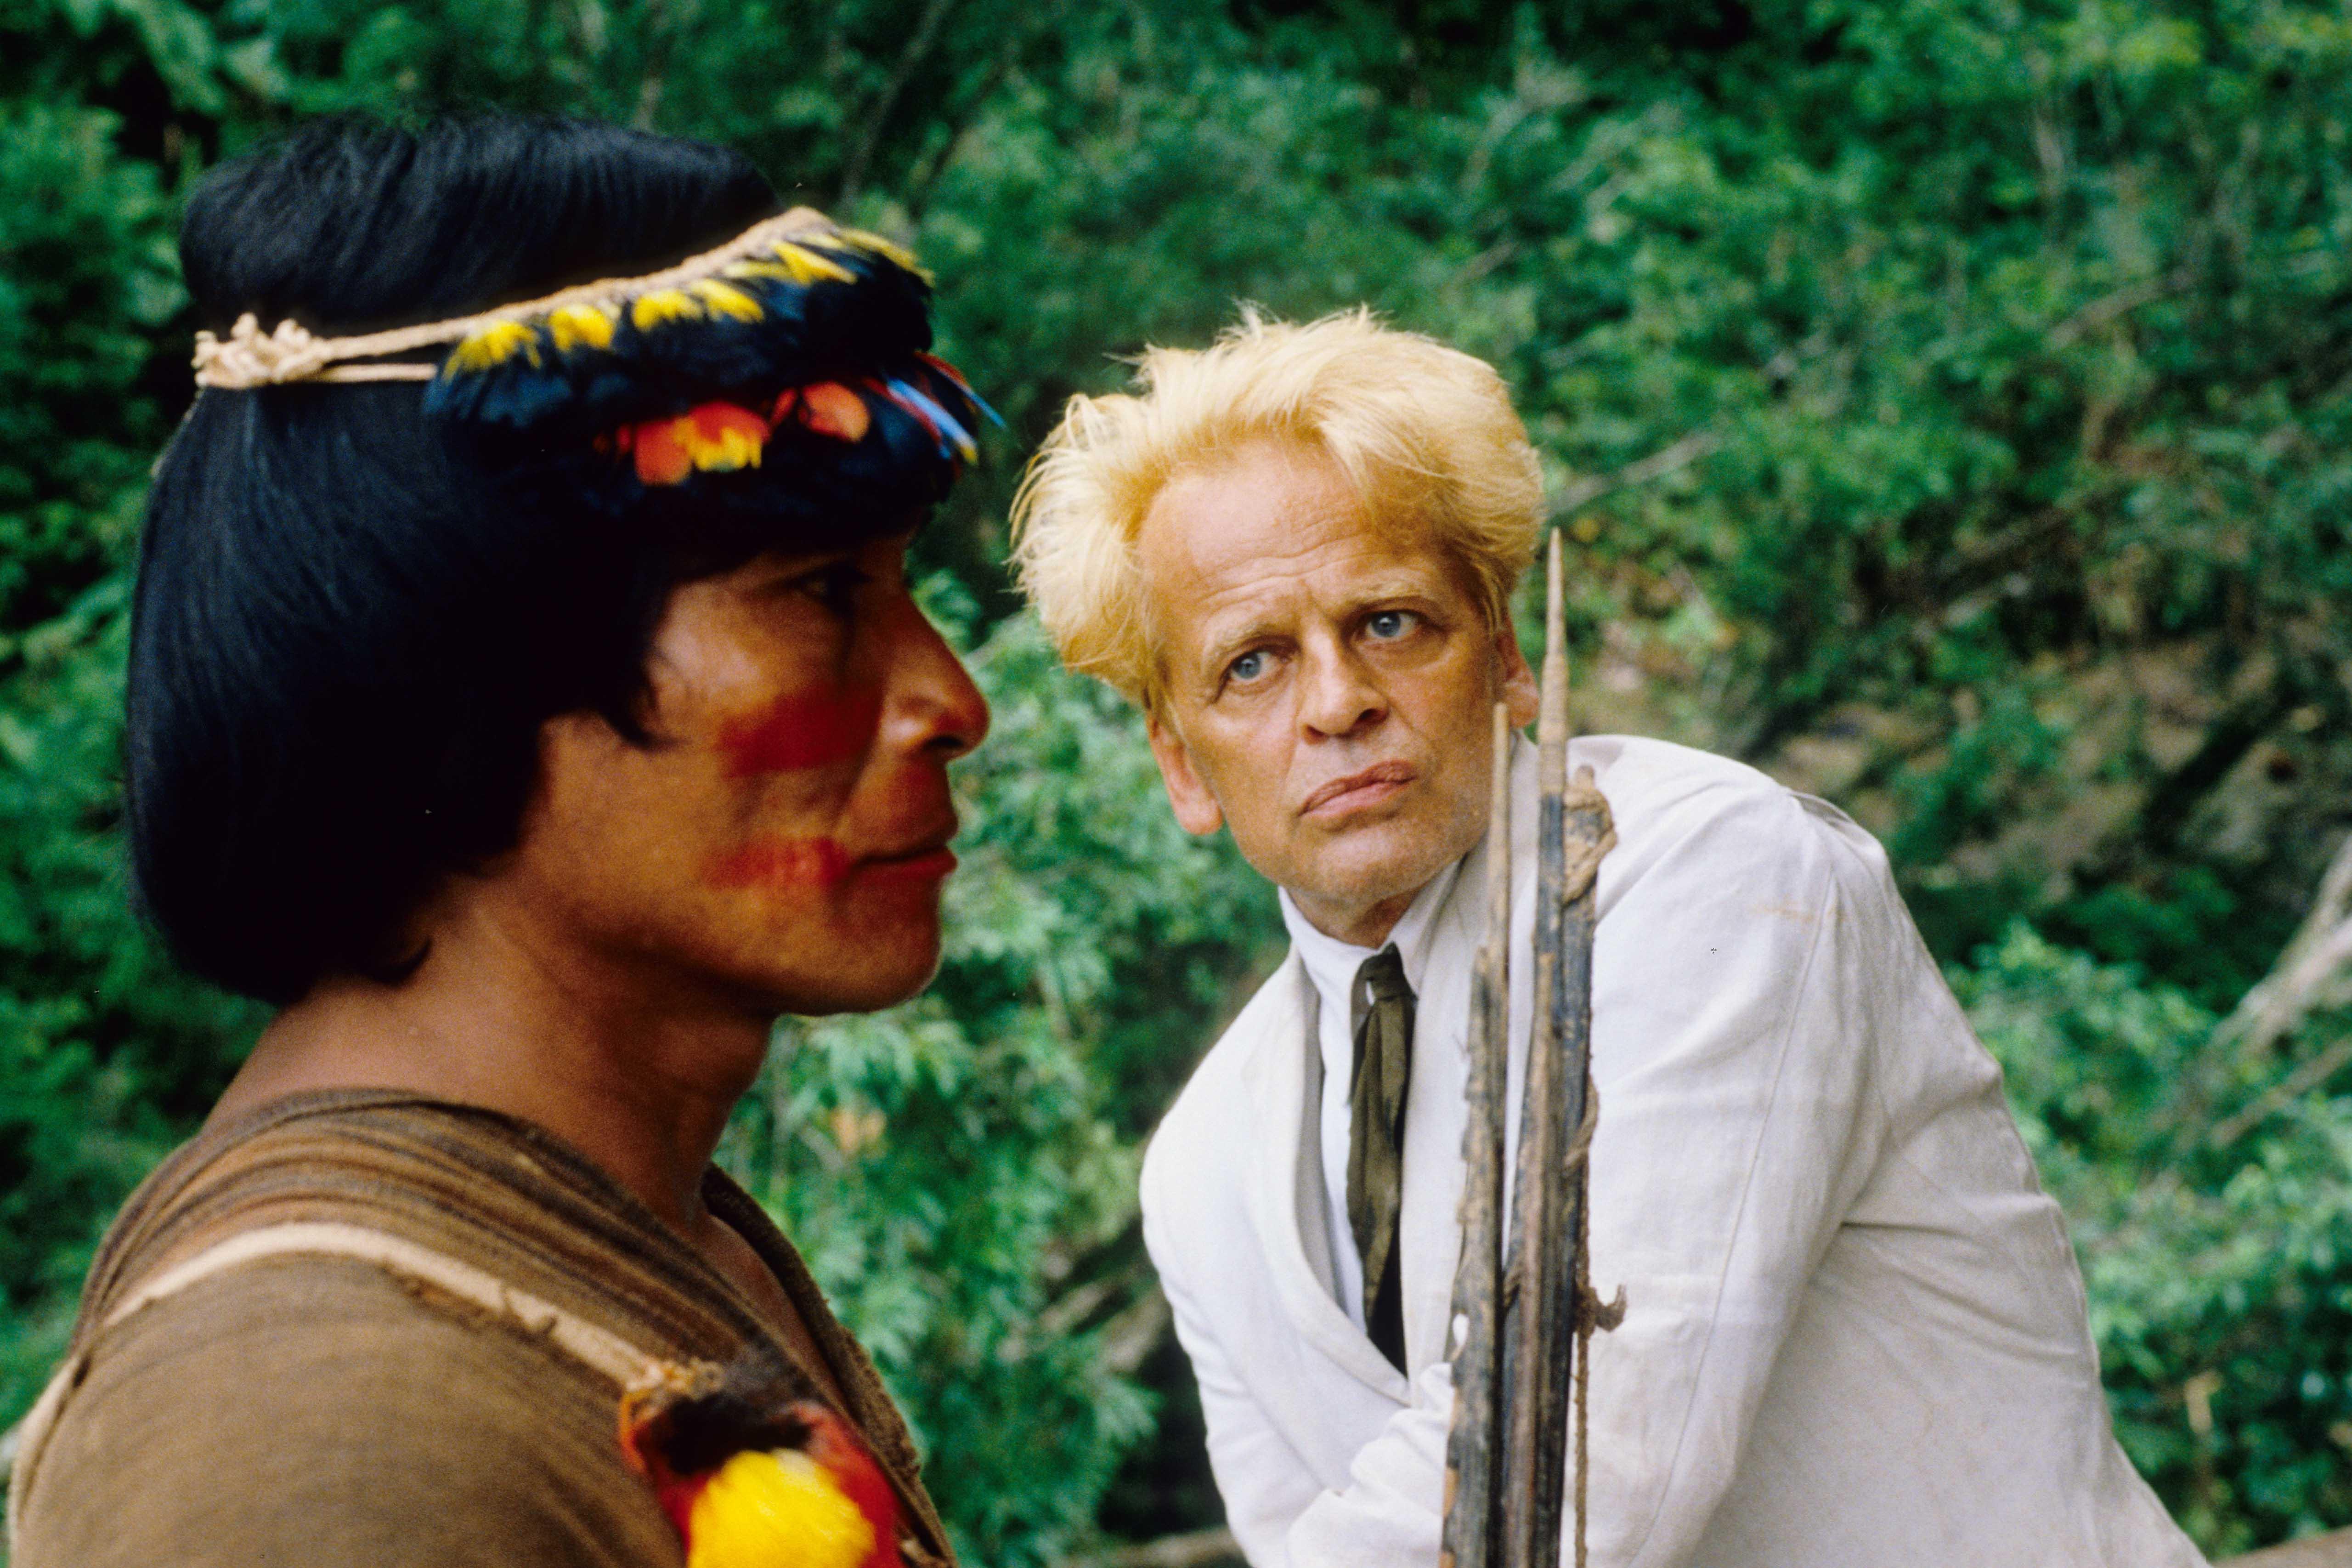 Still from the film Fitzcarraldo